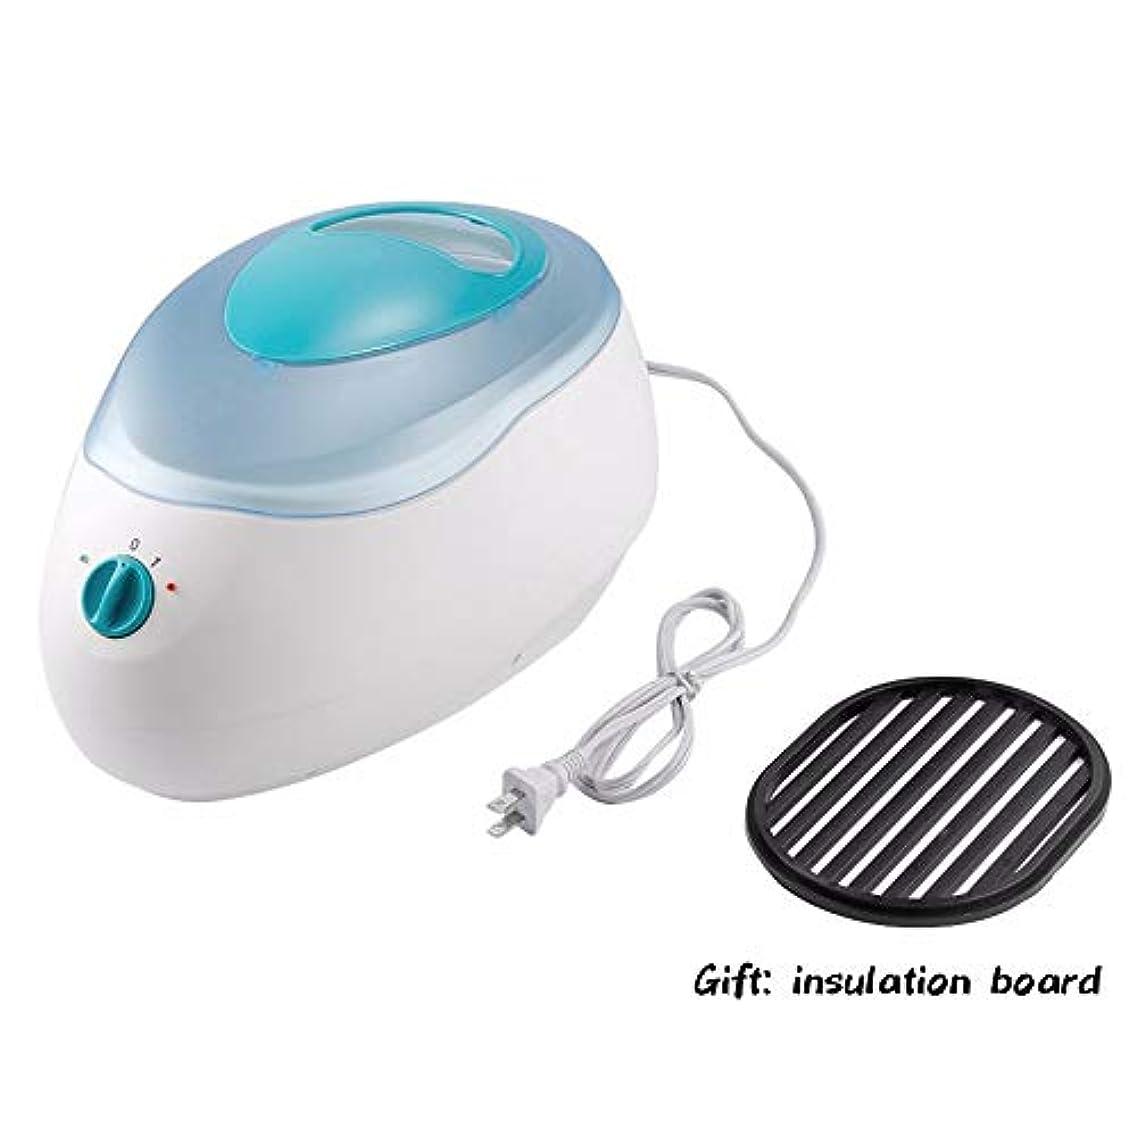 アイドルオール金属ワックスヒーター機200ワットパラフィンヒーター療法浴室ワックスポットヒーター美容院スパ2レベル制御機用スキンケアツール